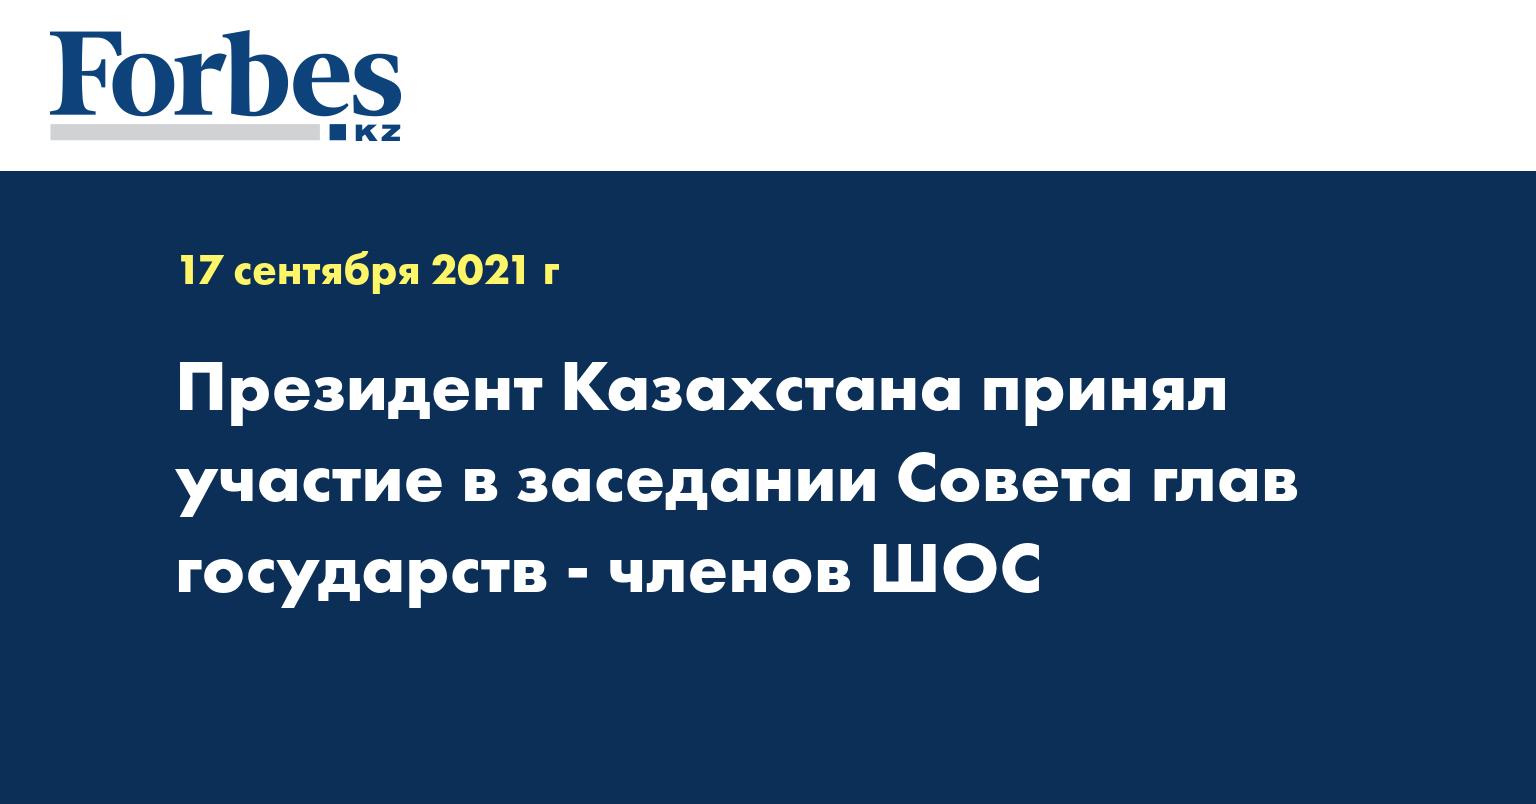 Президент Казахстана принял участие в заседании Совета глав государств - членов ШОС